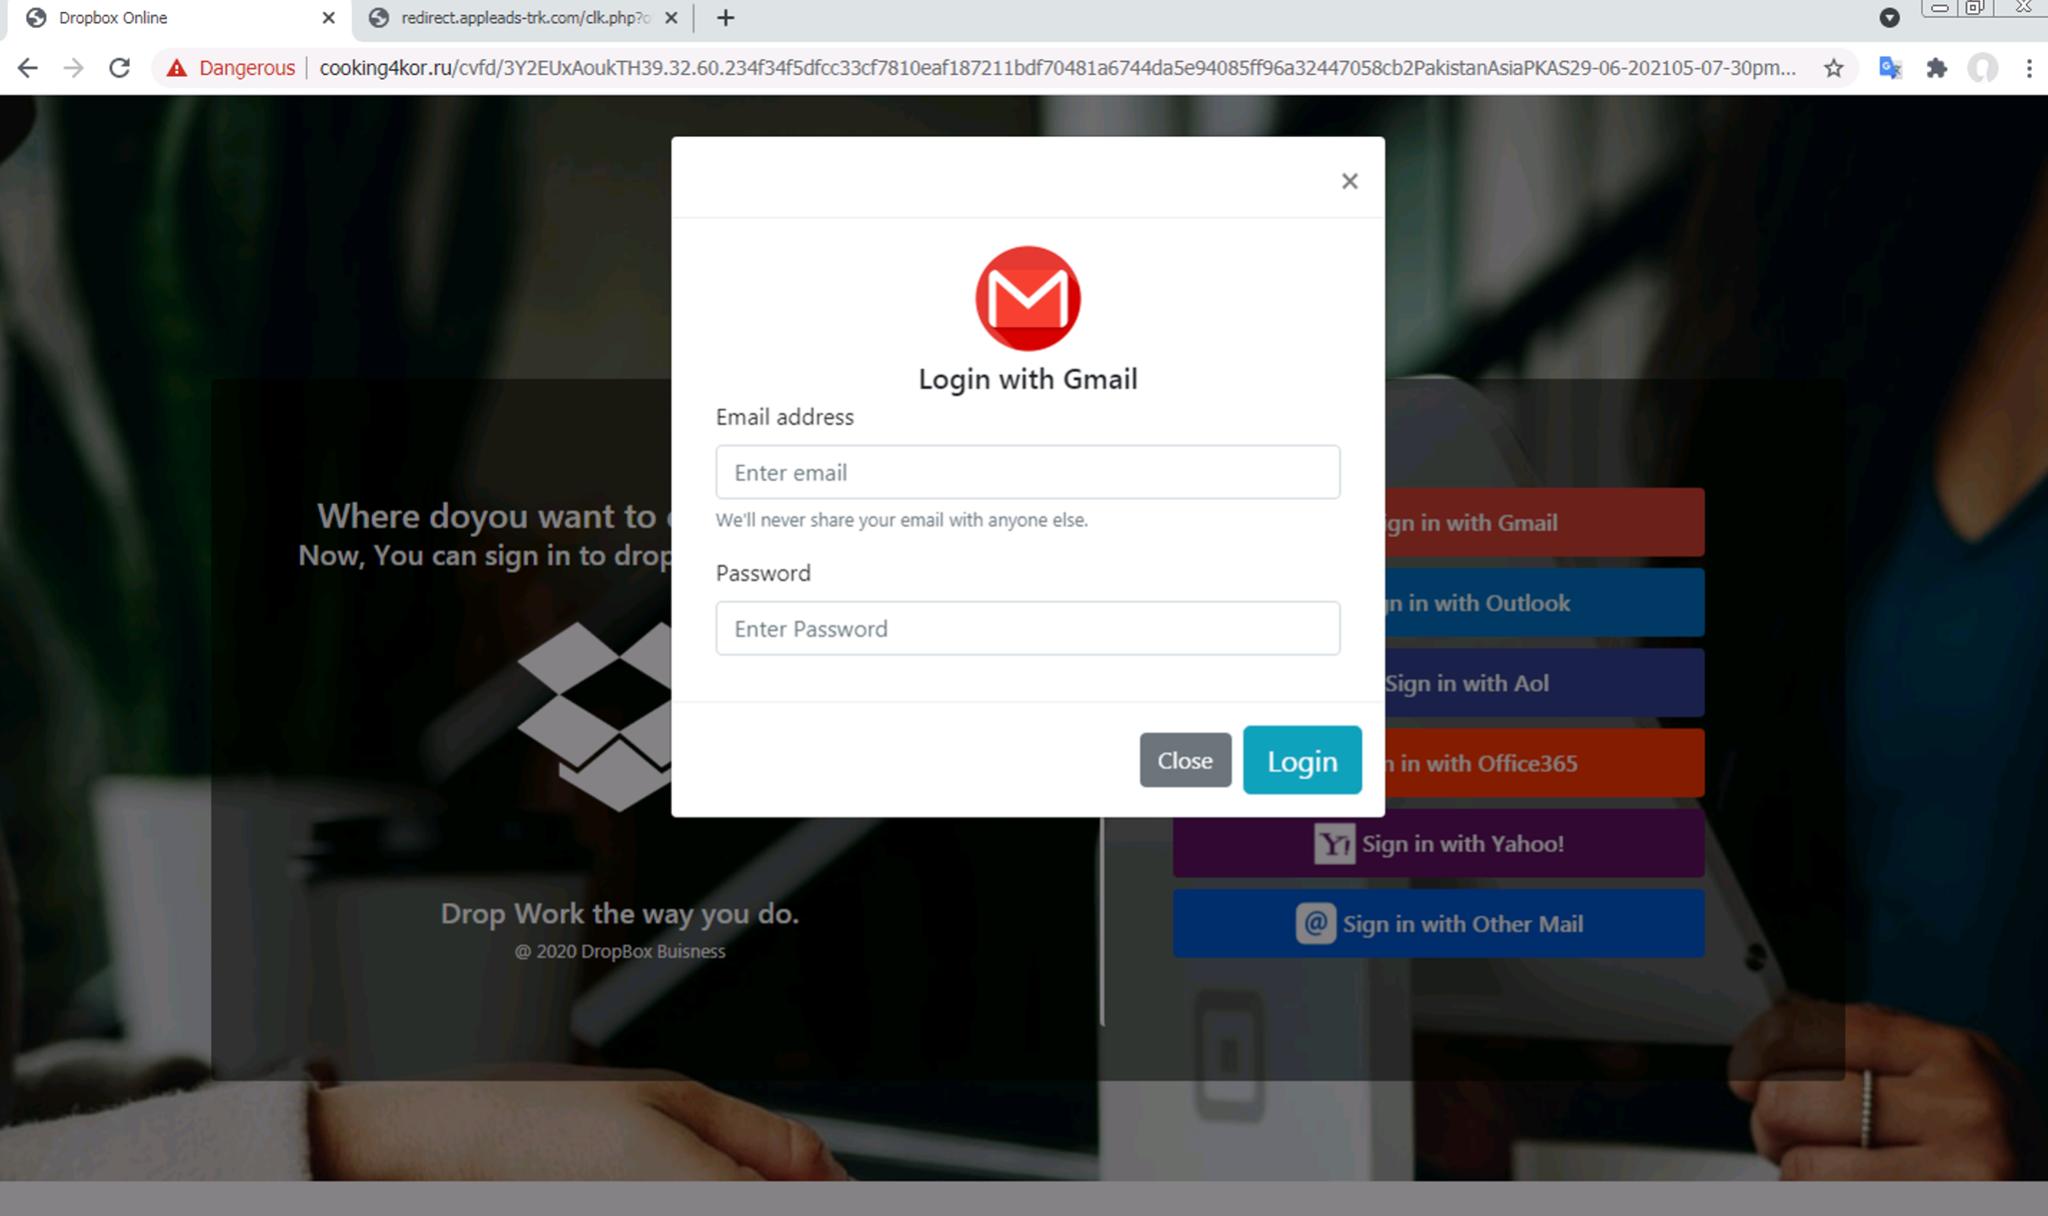 「Sign in with Gmail(Gmailでサインイン)」または「Sign in with Outlook(Outlookでサインイン)」ボタンをクリックすると、ユーザーにログイン情報を求めるモーダル画面が表示される。